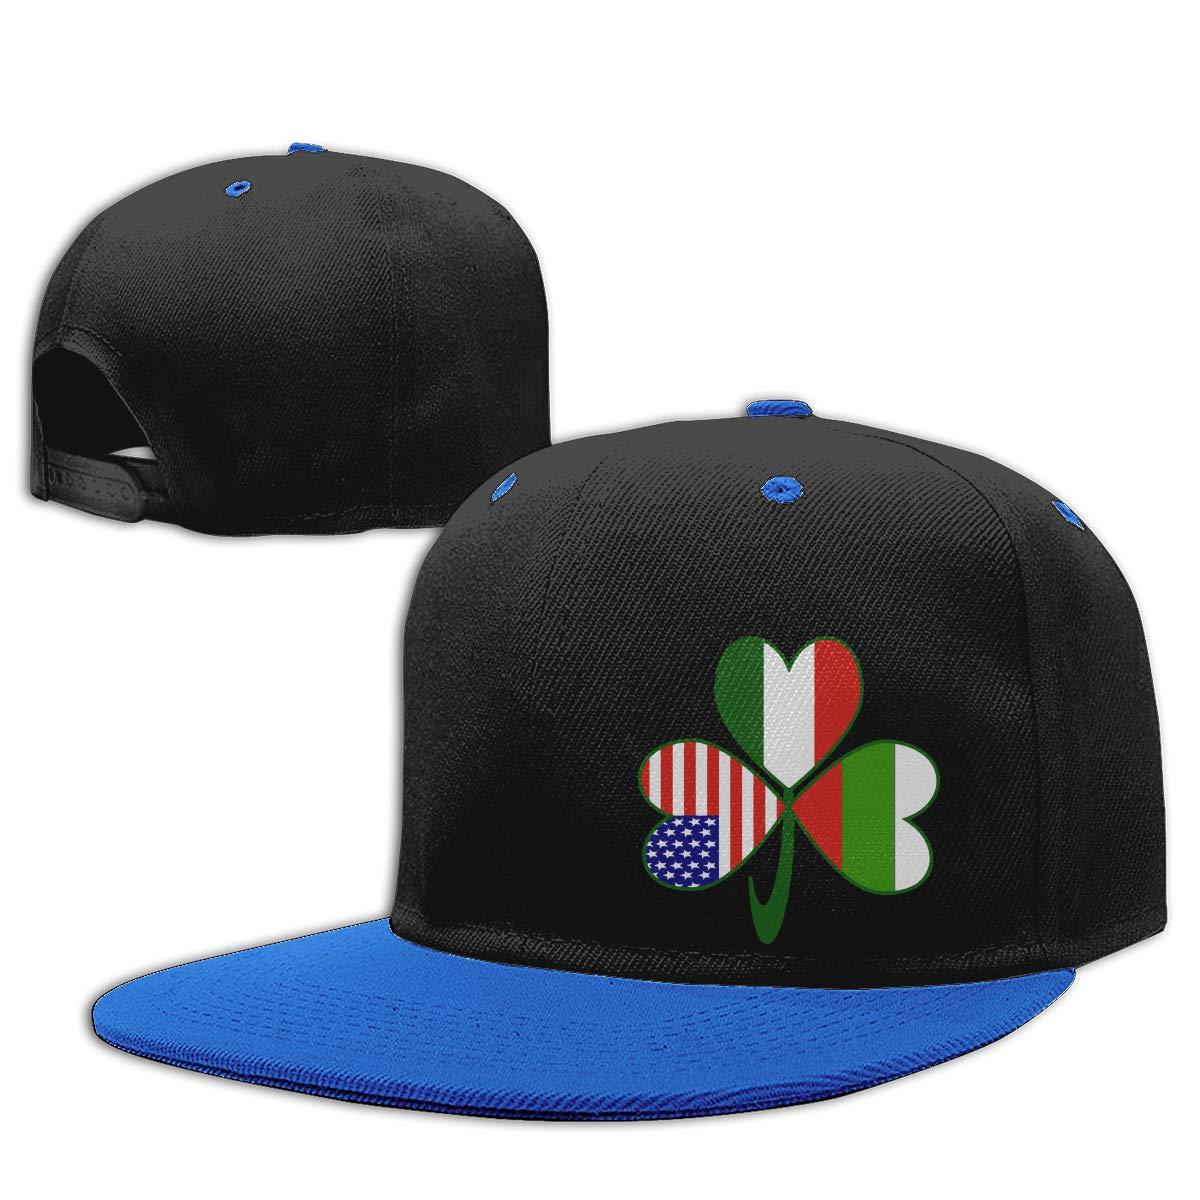 Men Womens Punk Rock Cap Bulgarian Irish American Shamrock Unisex Flat Brim Baseball Caps